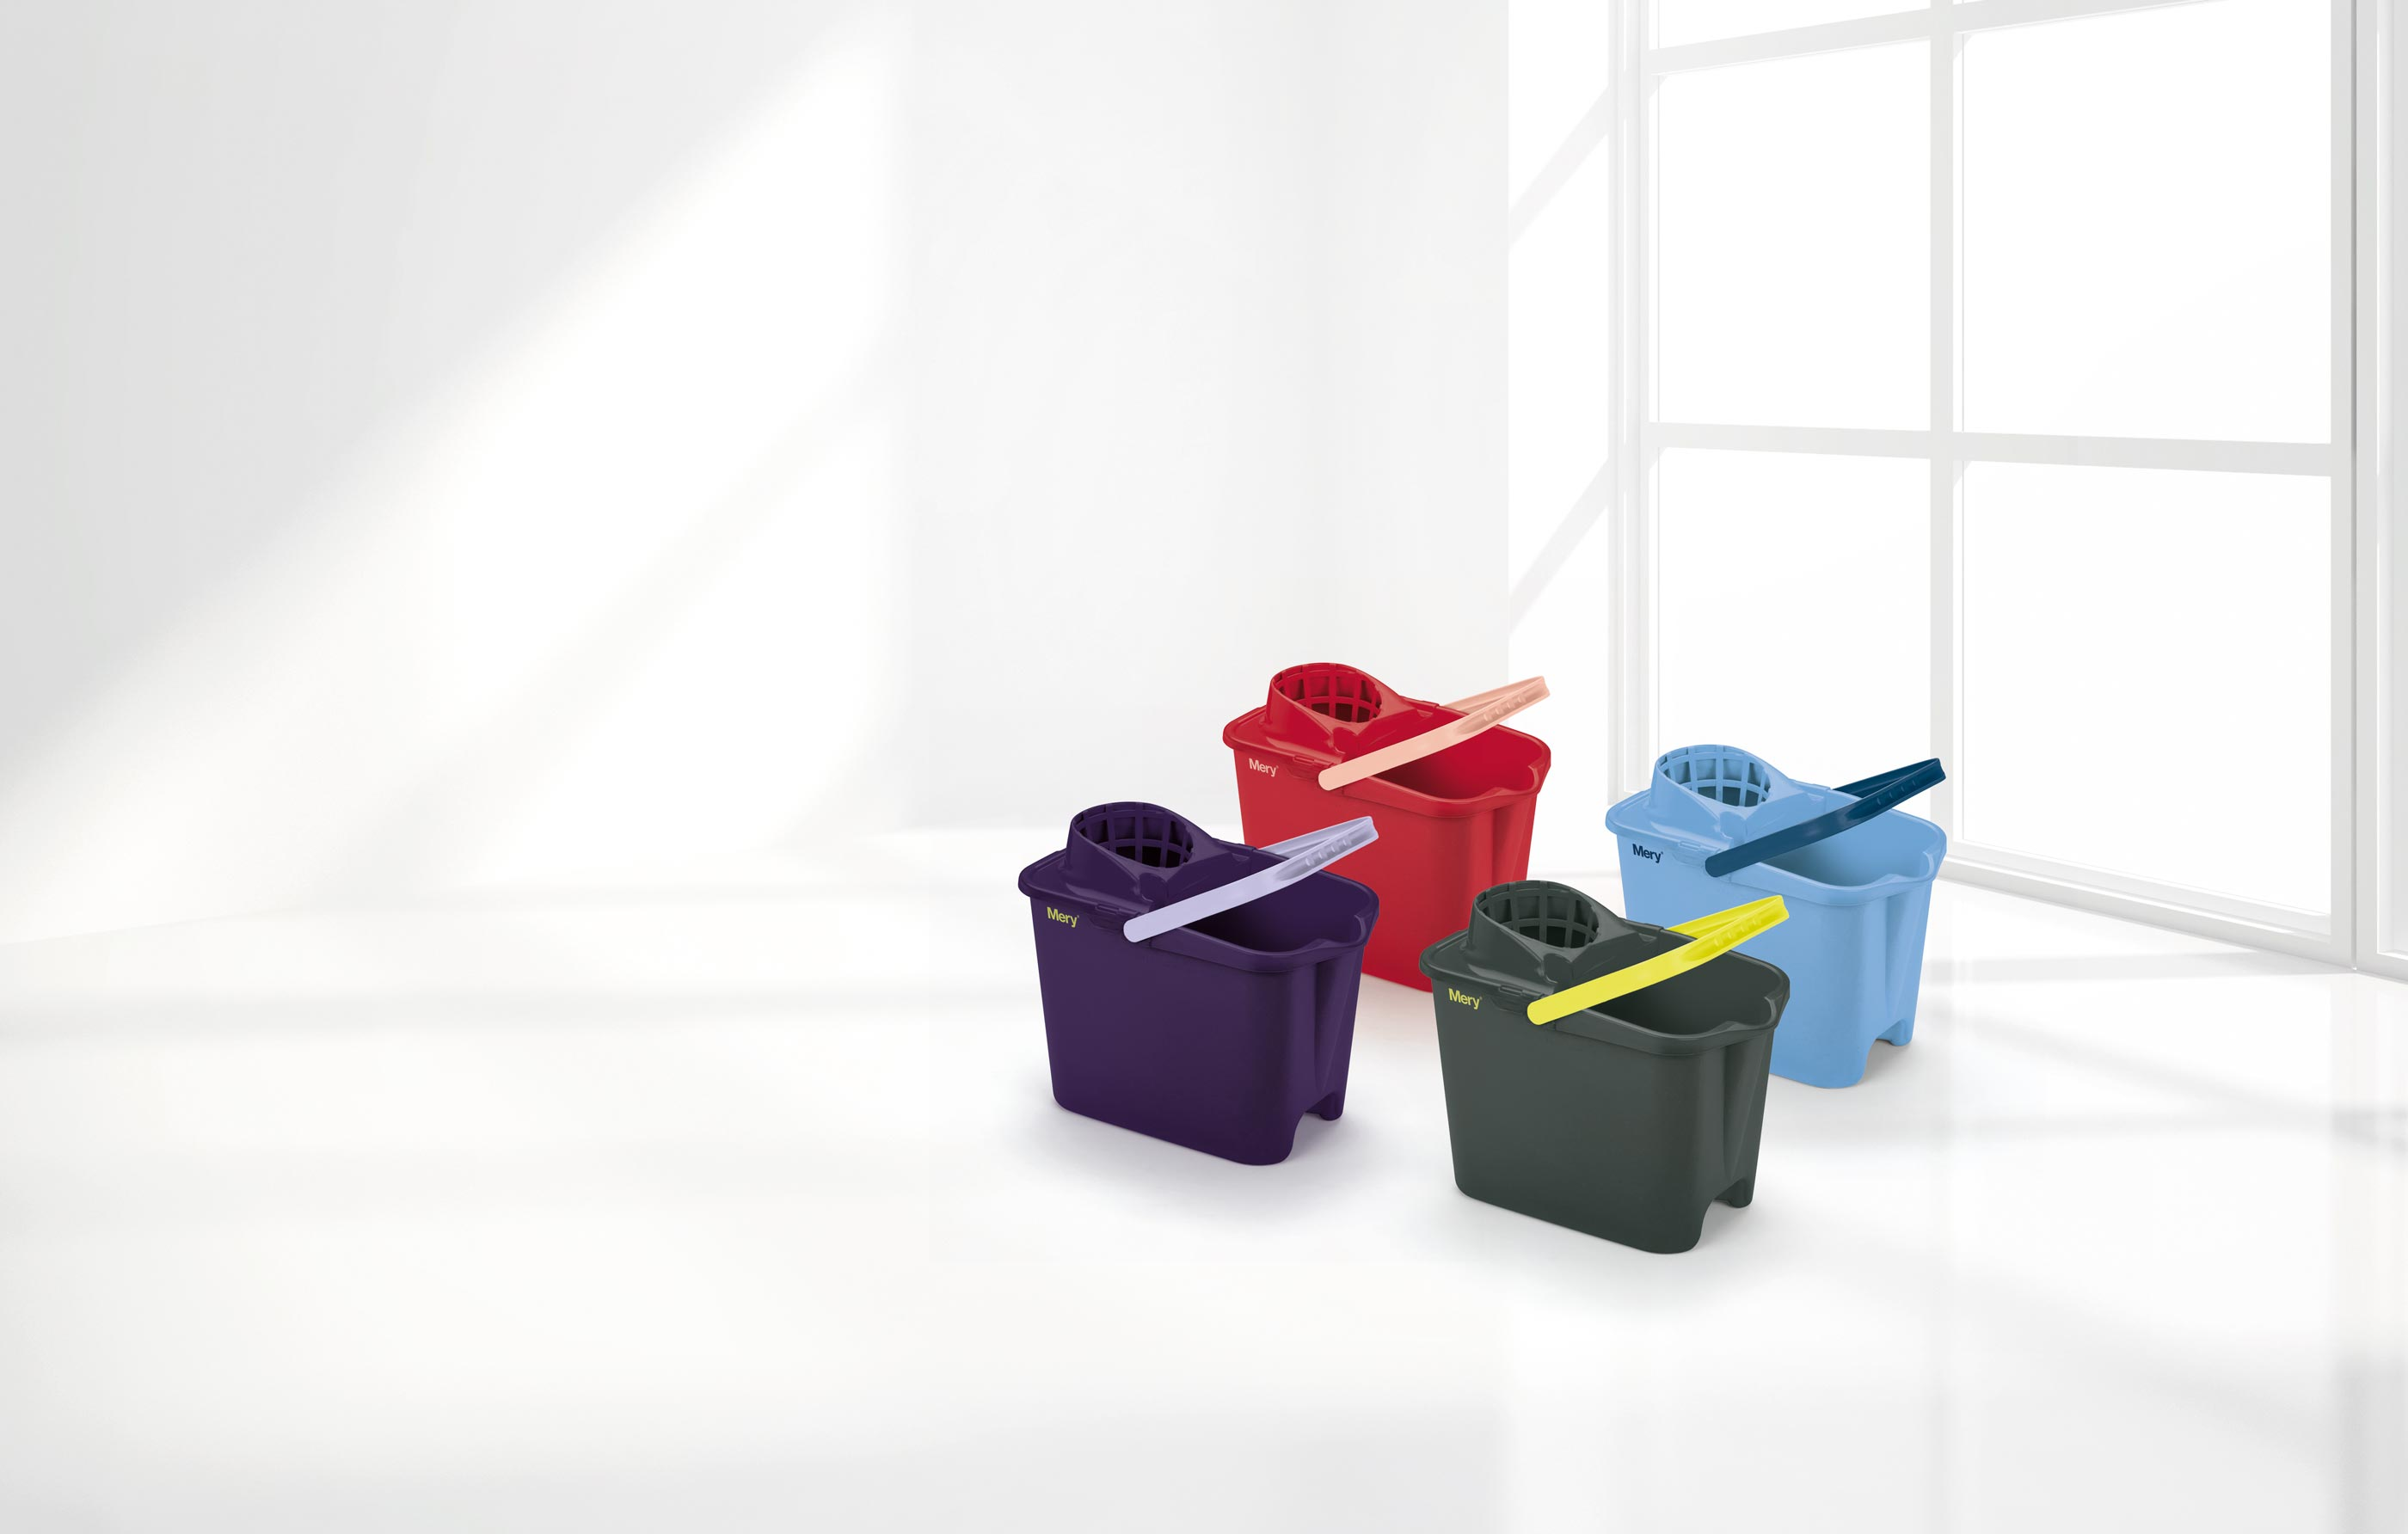 home-slide-2-1 - Mery | Soluciones de limpieza | Cubos 2 | Mery.es